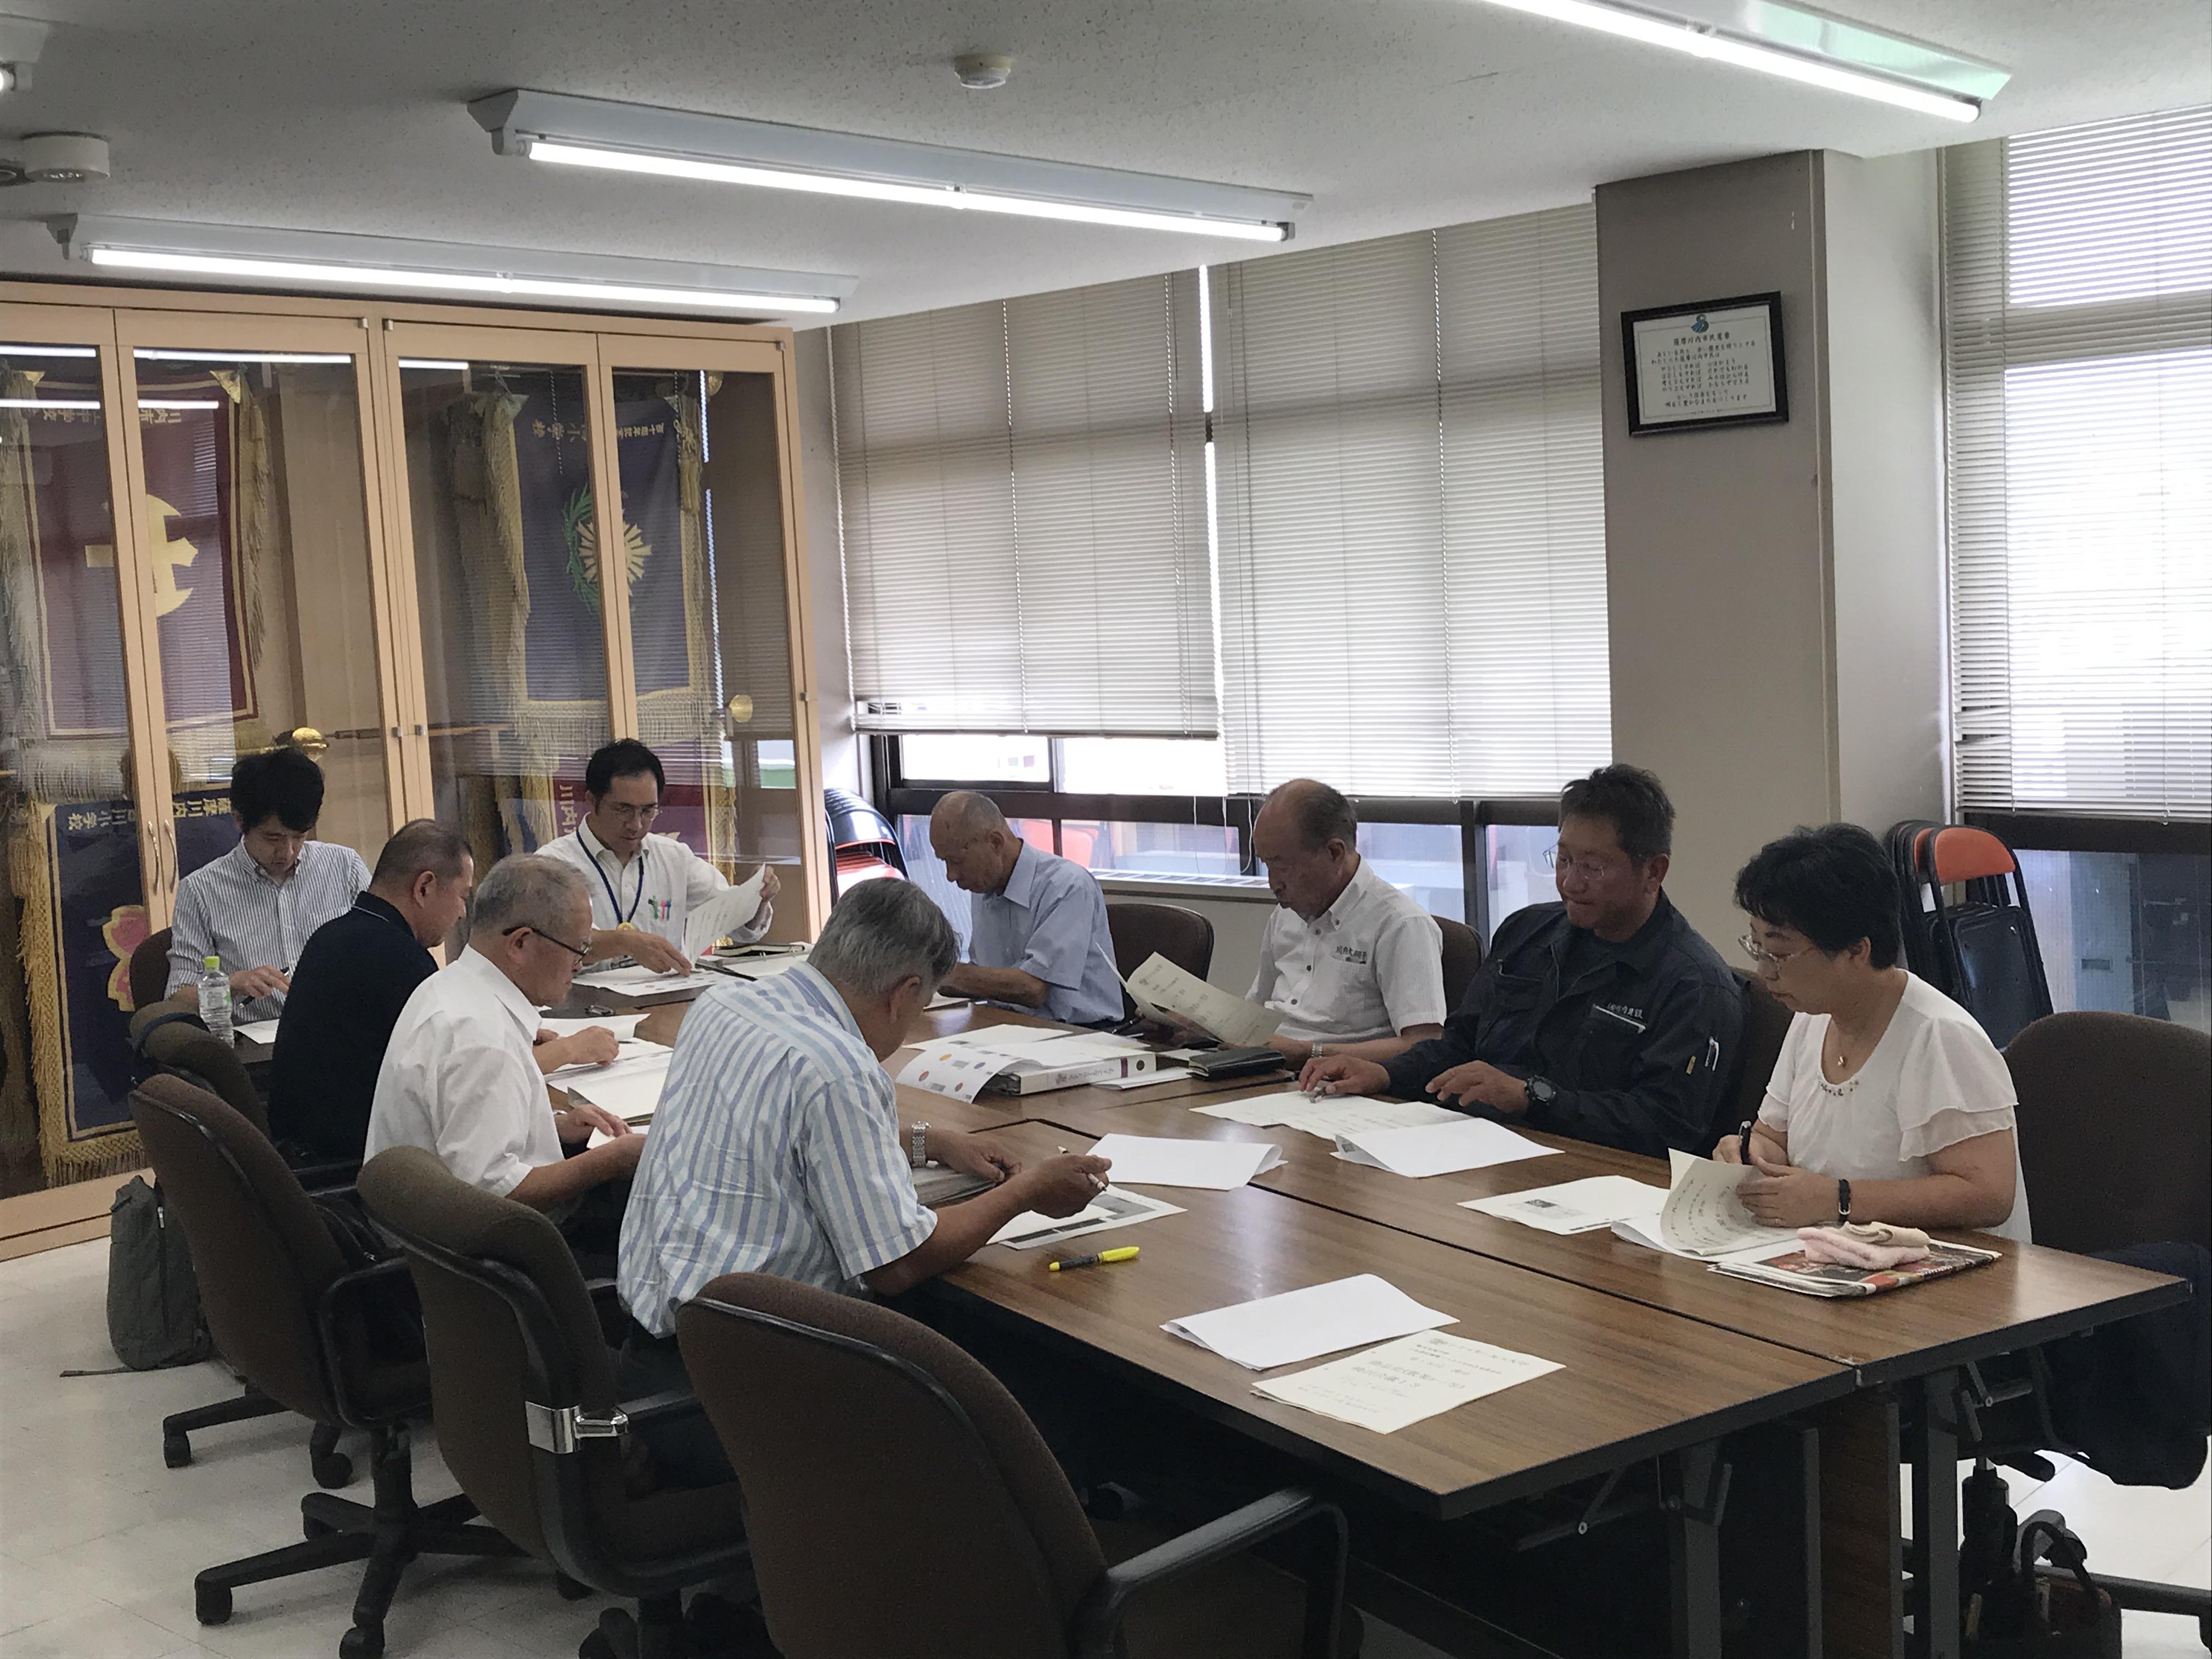 日本書紀編纂1300年記念事業学科 第19回講座のお知らせ